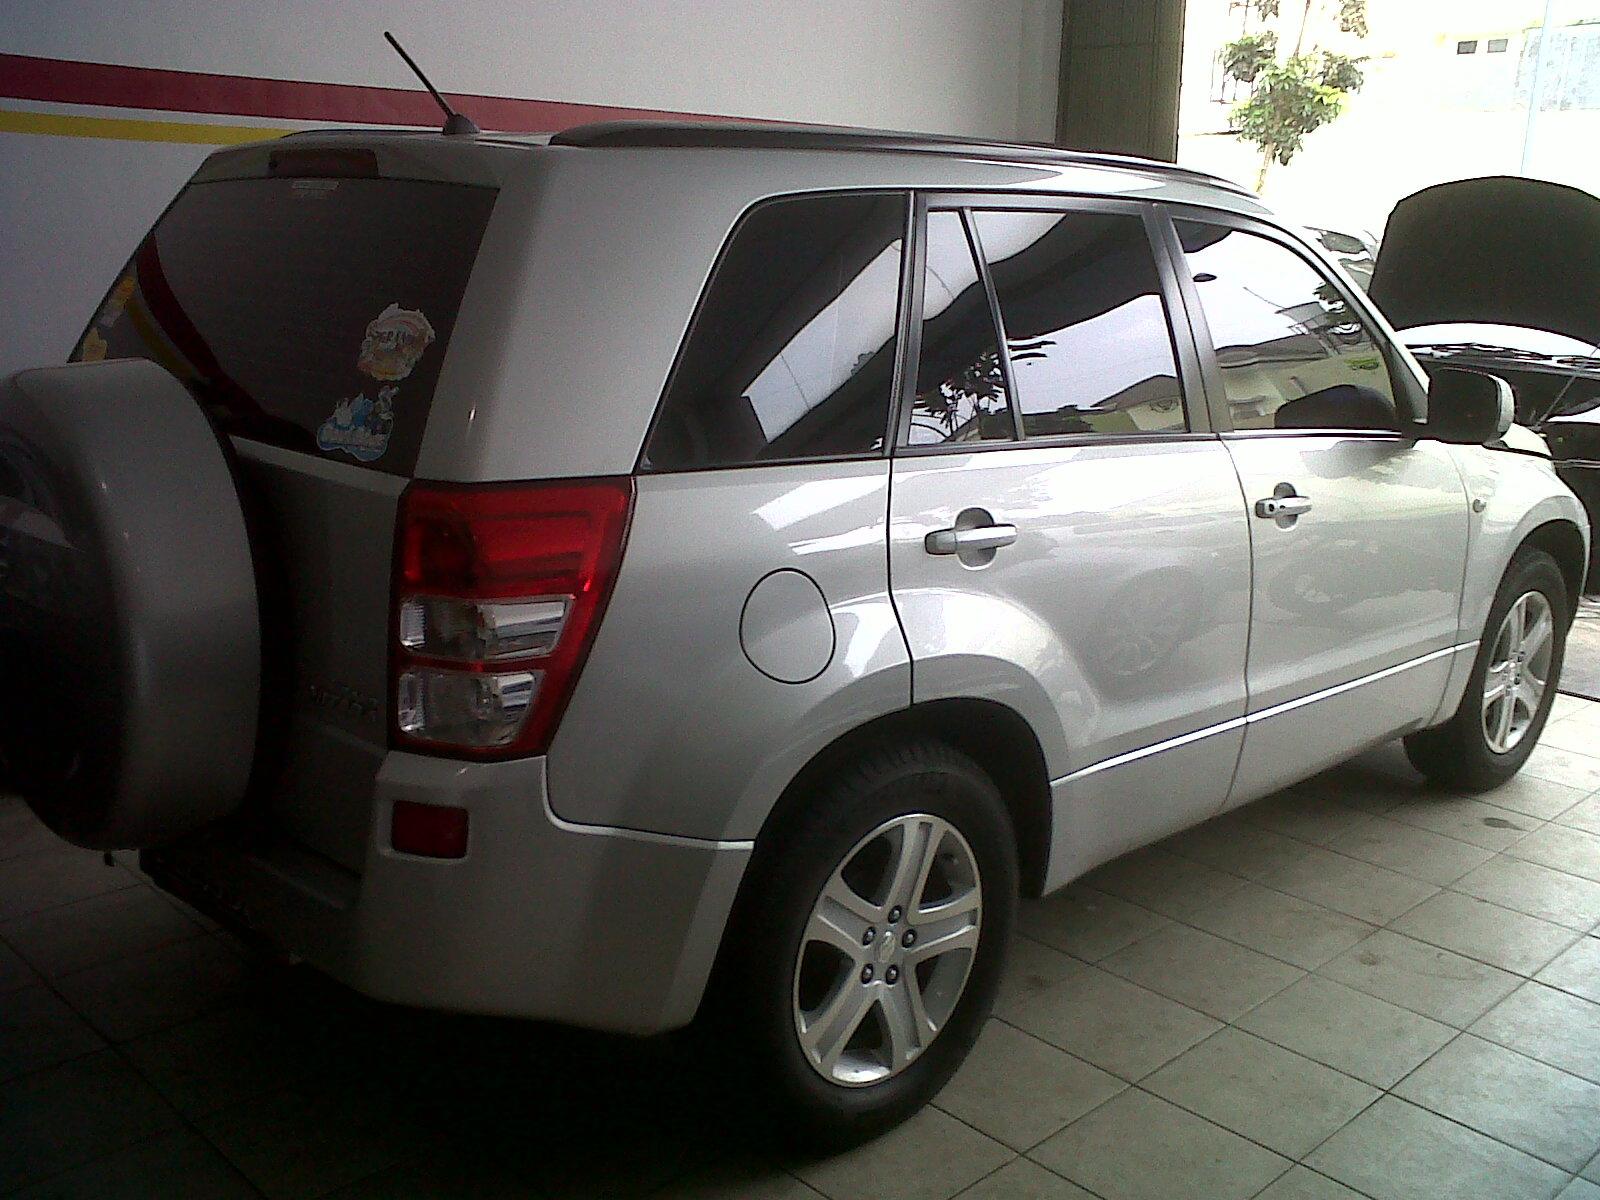 Mobil Bekas Indonesia Harga Mobil Bekas Dan Bursa Iklan ...